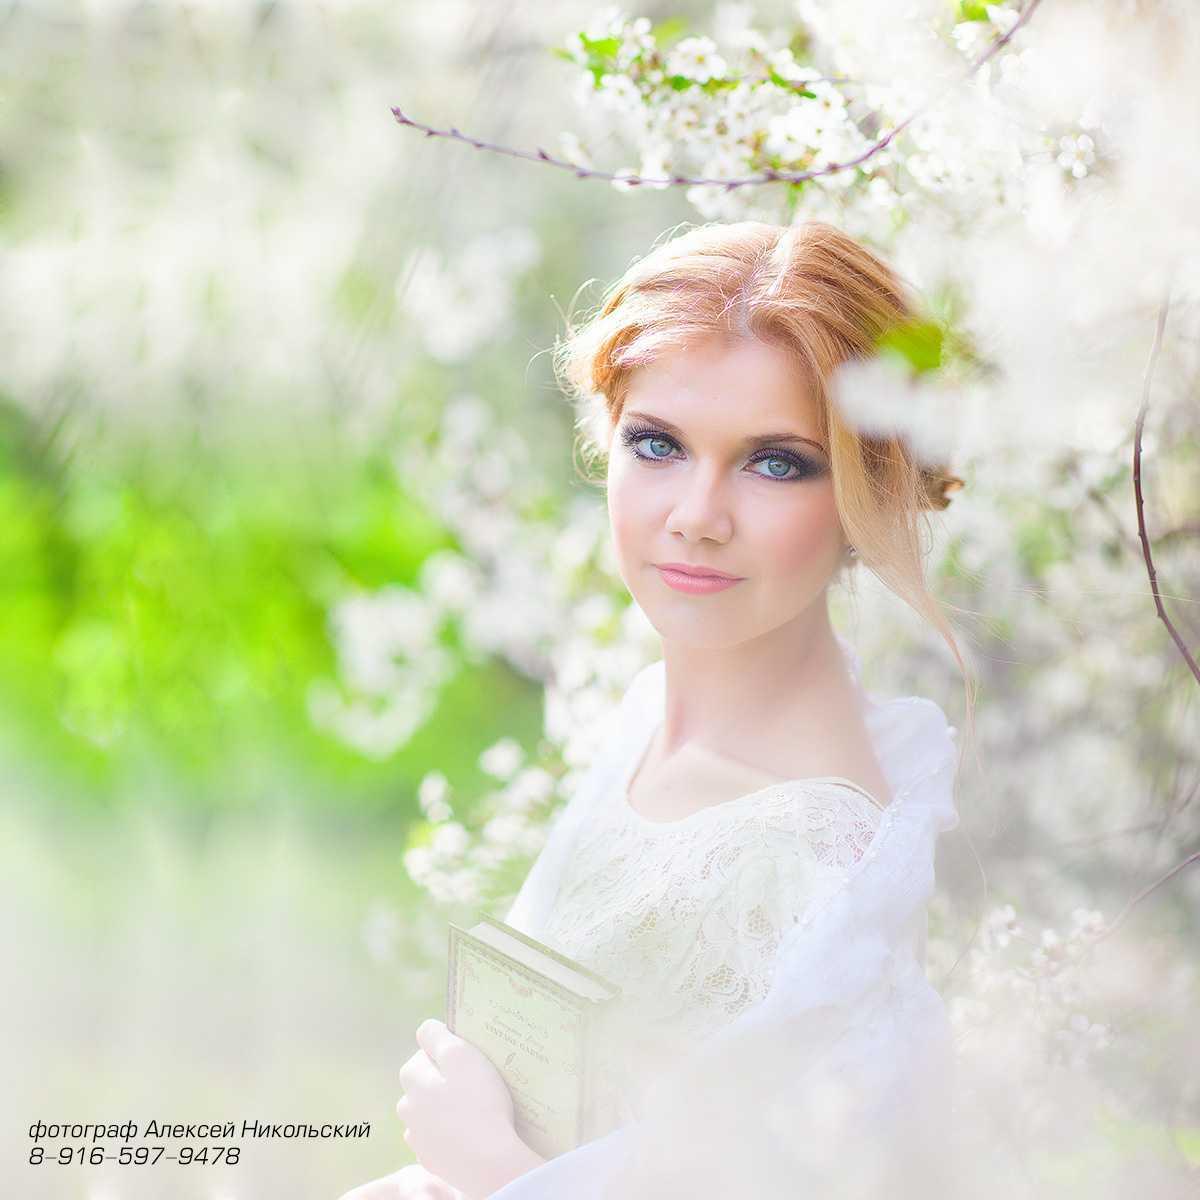 Свадьба и свадебная фотосессия в мае